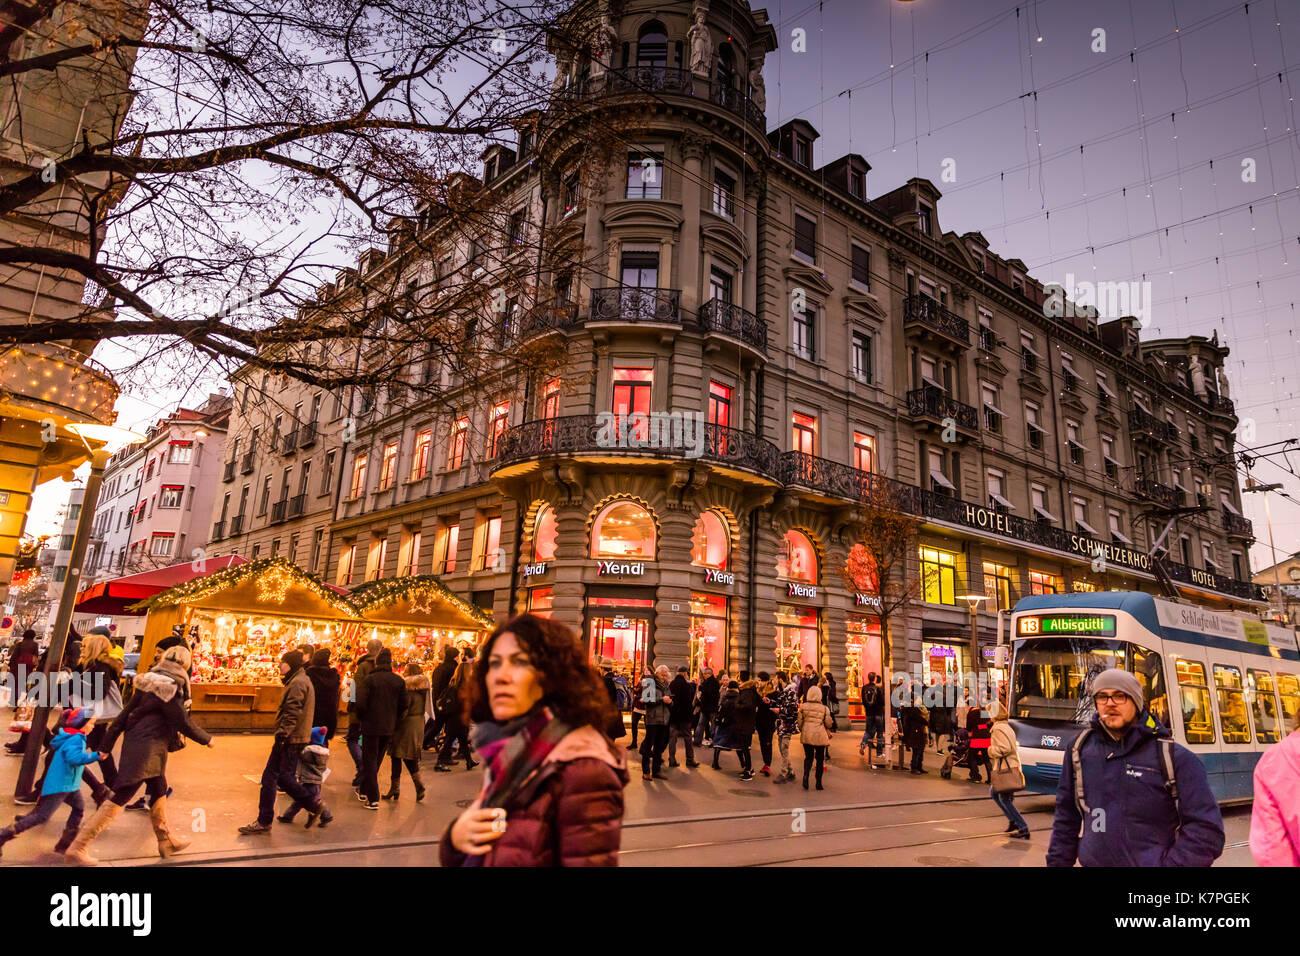 Zurich, Switzerland - 10 december 2016: Zurich Christmas Market ...